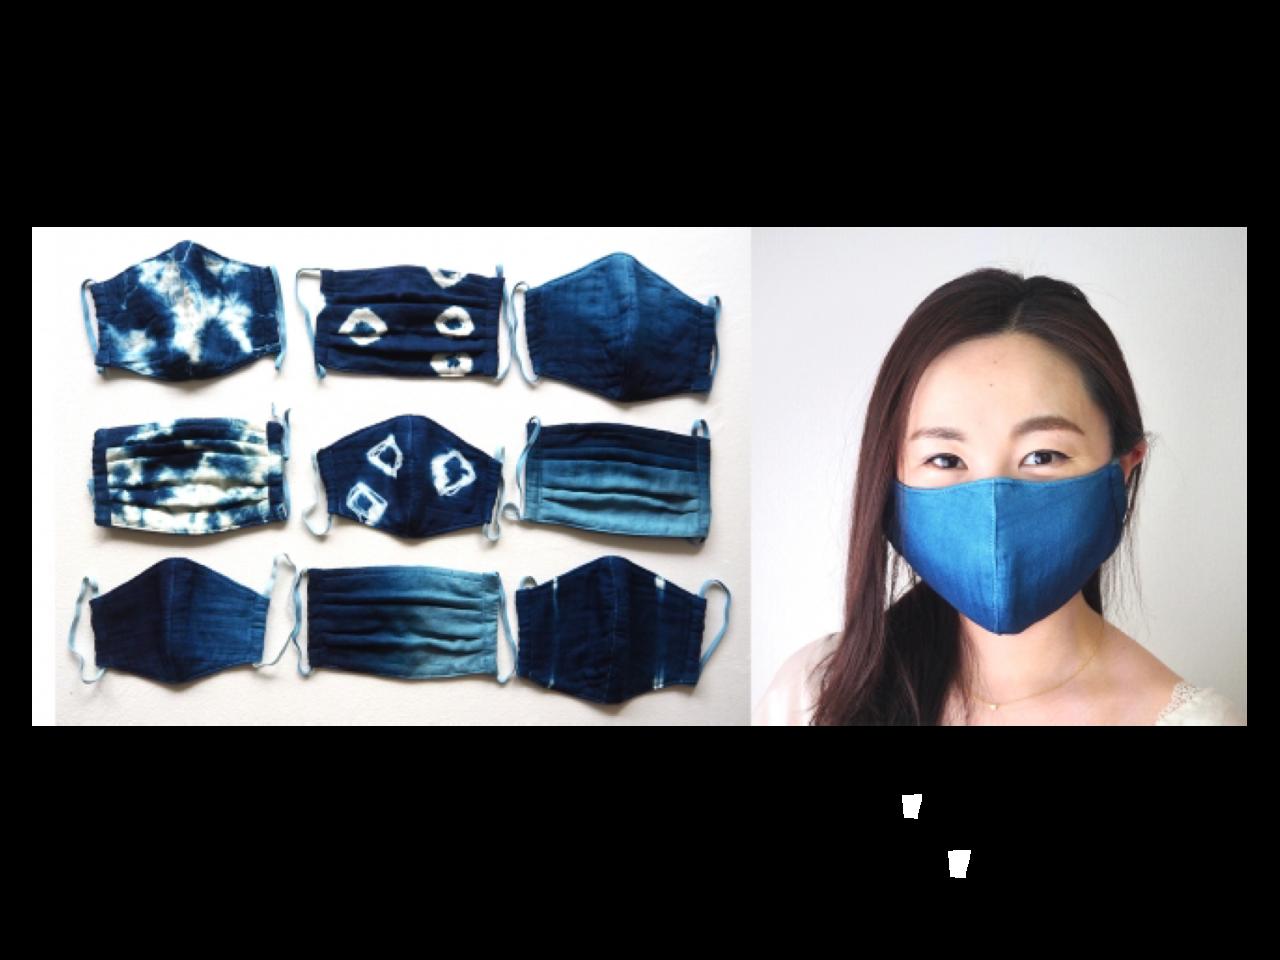 福岡・久留米絣の老舗と共同開発。何時間使ってもサラサラな藍染めガーゼ快適サラサラマスク誕生です。